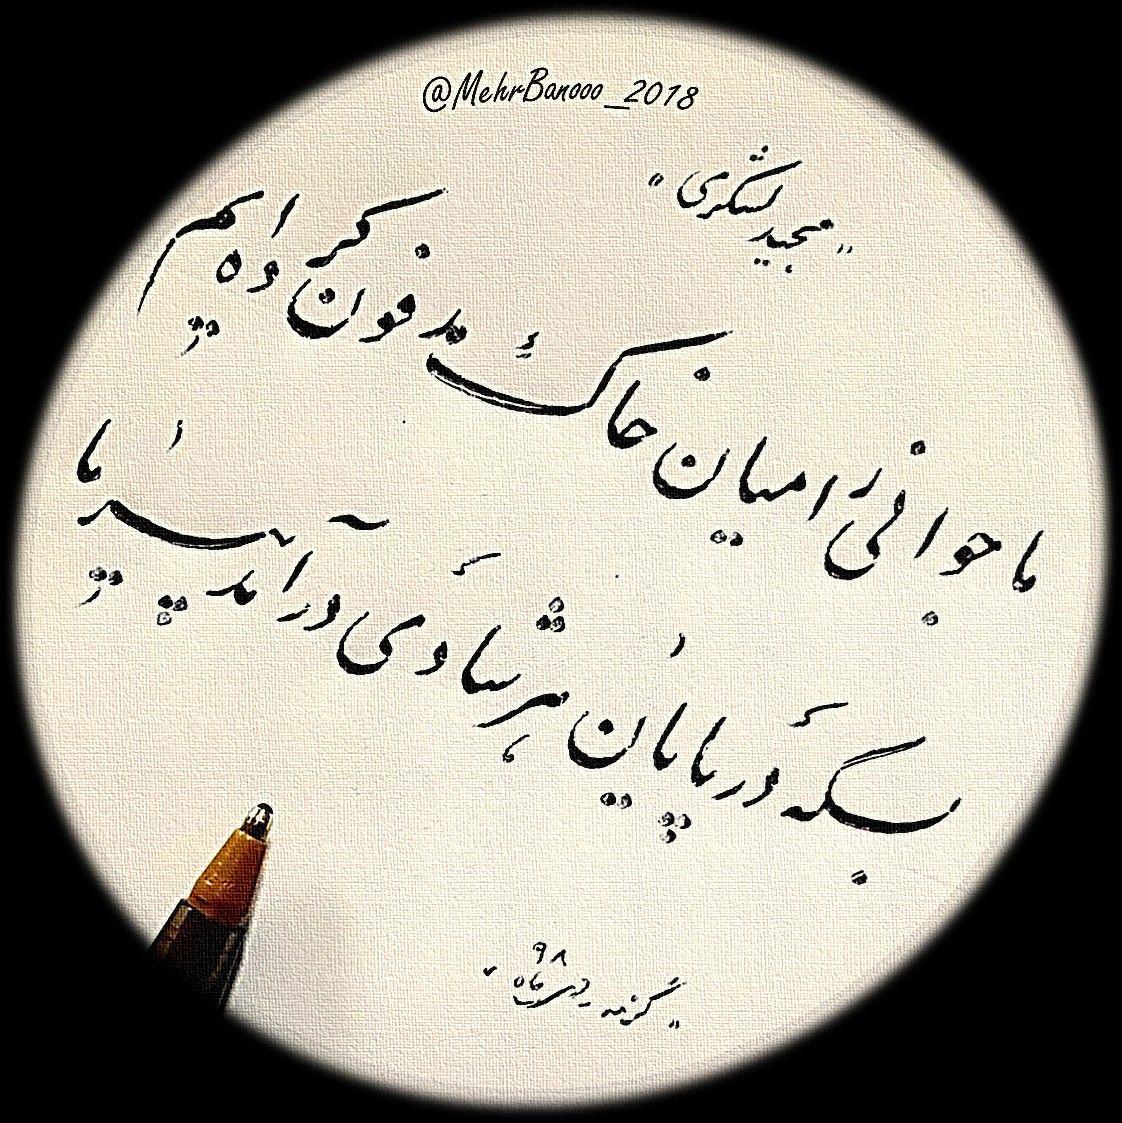 عکس نوشته عکس پروفایل شعر کانال تلگرام مهر بانو ۲۰۱۸ Mehrbanooo 2018 Cute Drawings Persian Poem Calligraphy